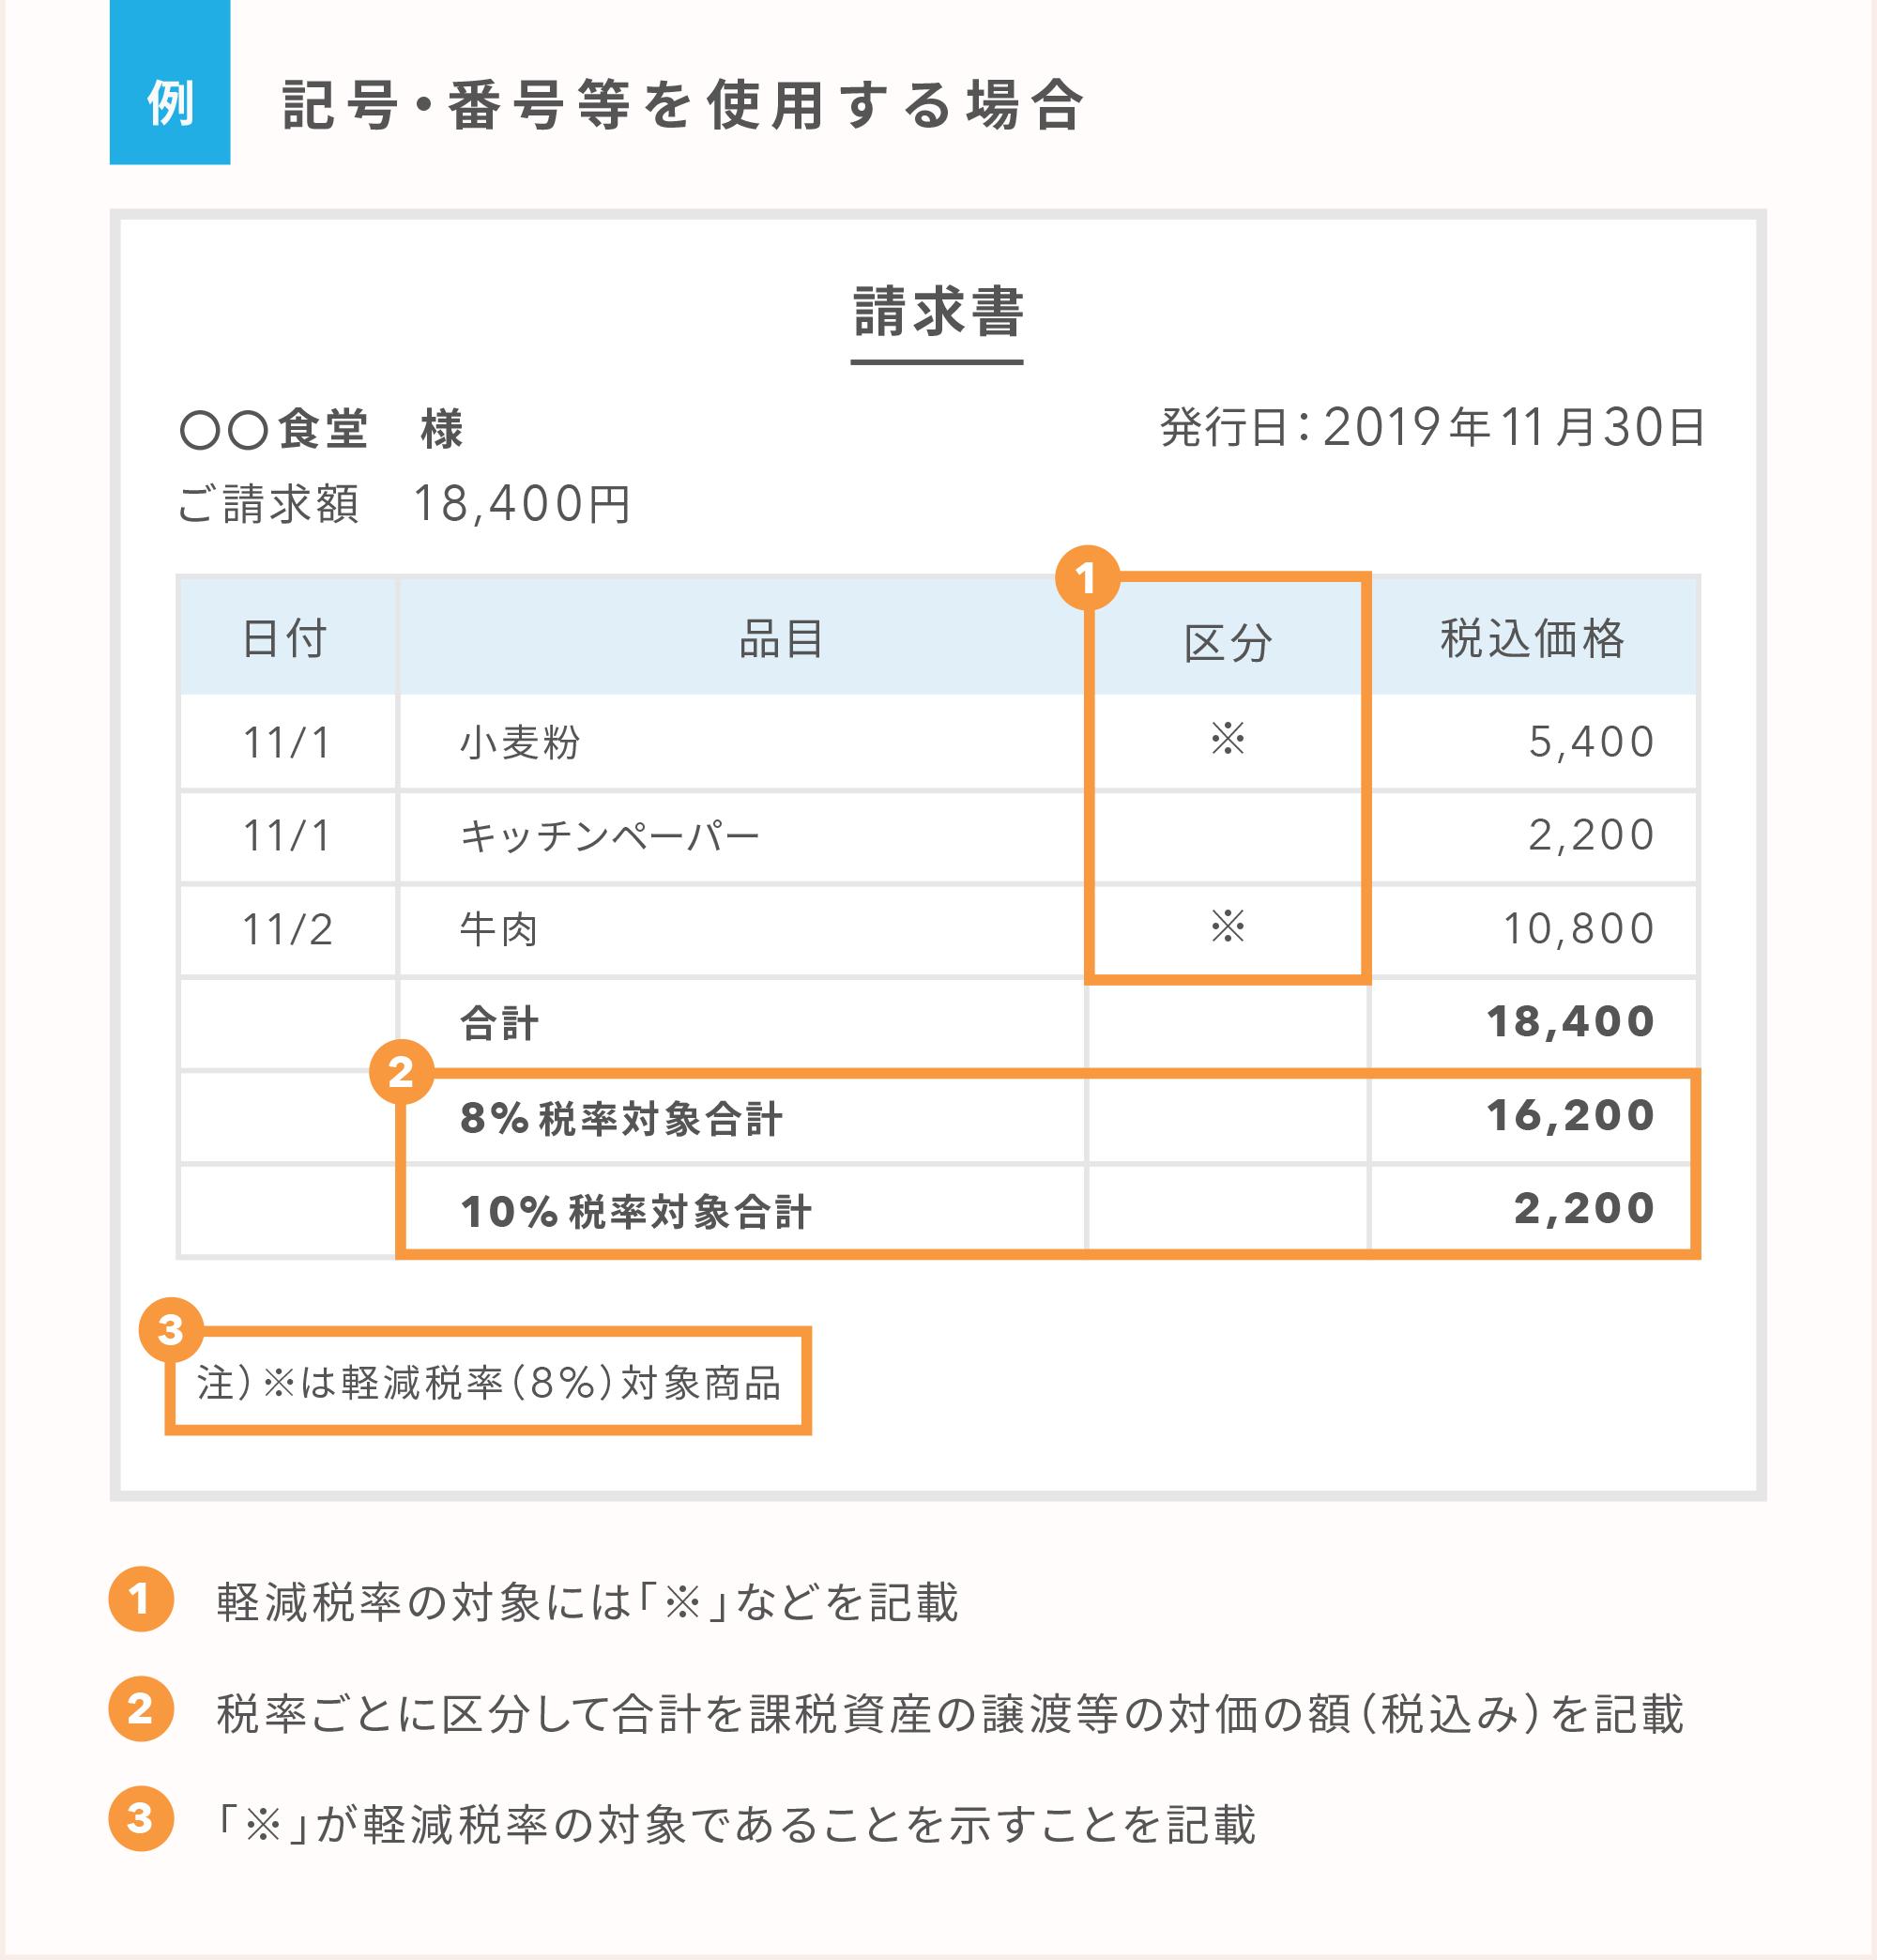 区分記載請求書等の例:記号・番号等を使用する場合